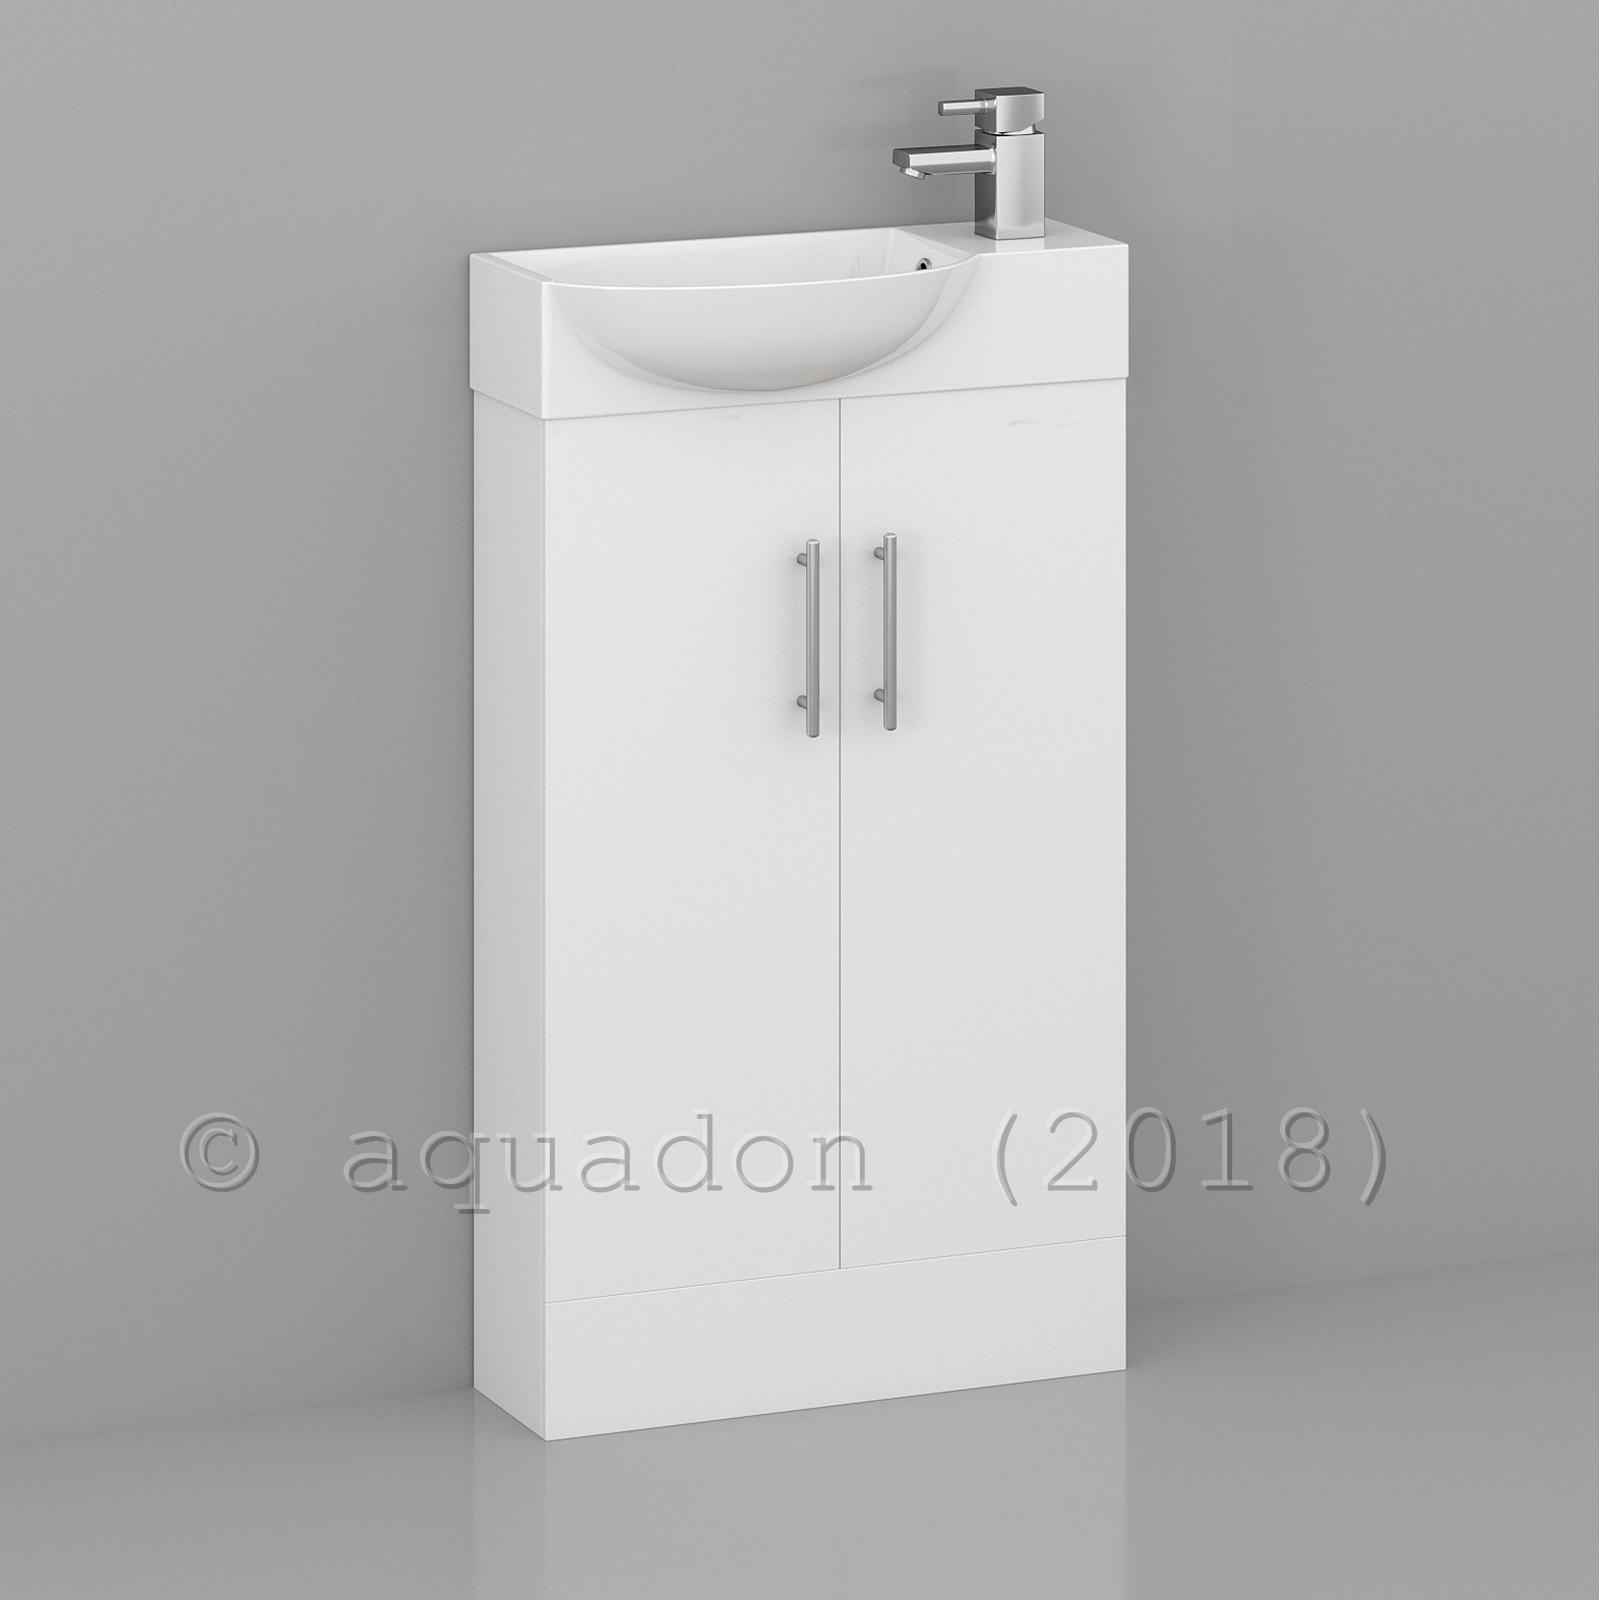 Bathroom Cloakroom 500mm Double Door Compact Storage